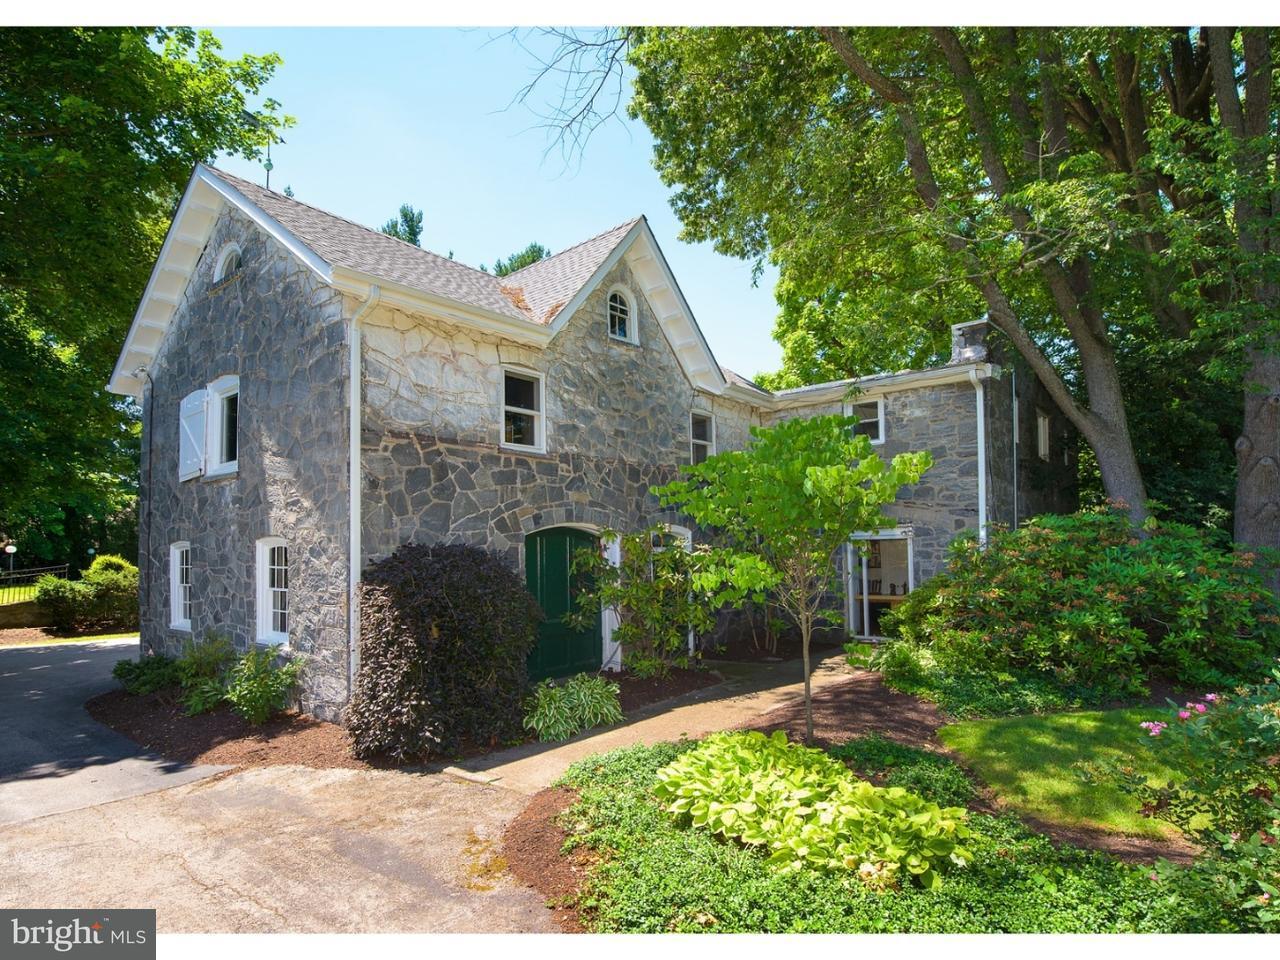 Частный односемейный дом для того Продажа на 726 CONSHOHOCKEN STATE Road Penn Valley, Пенсильвания 19072 Соединенные Штаты